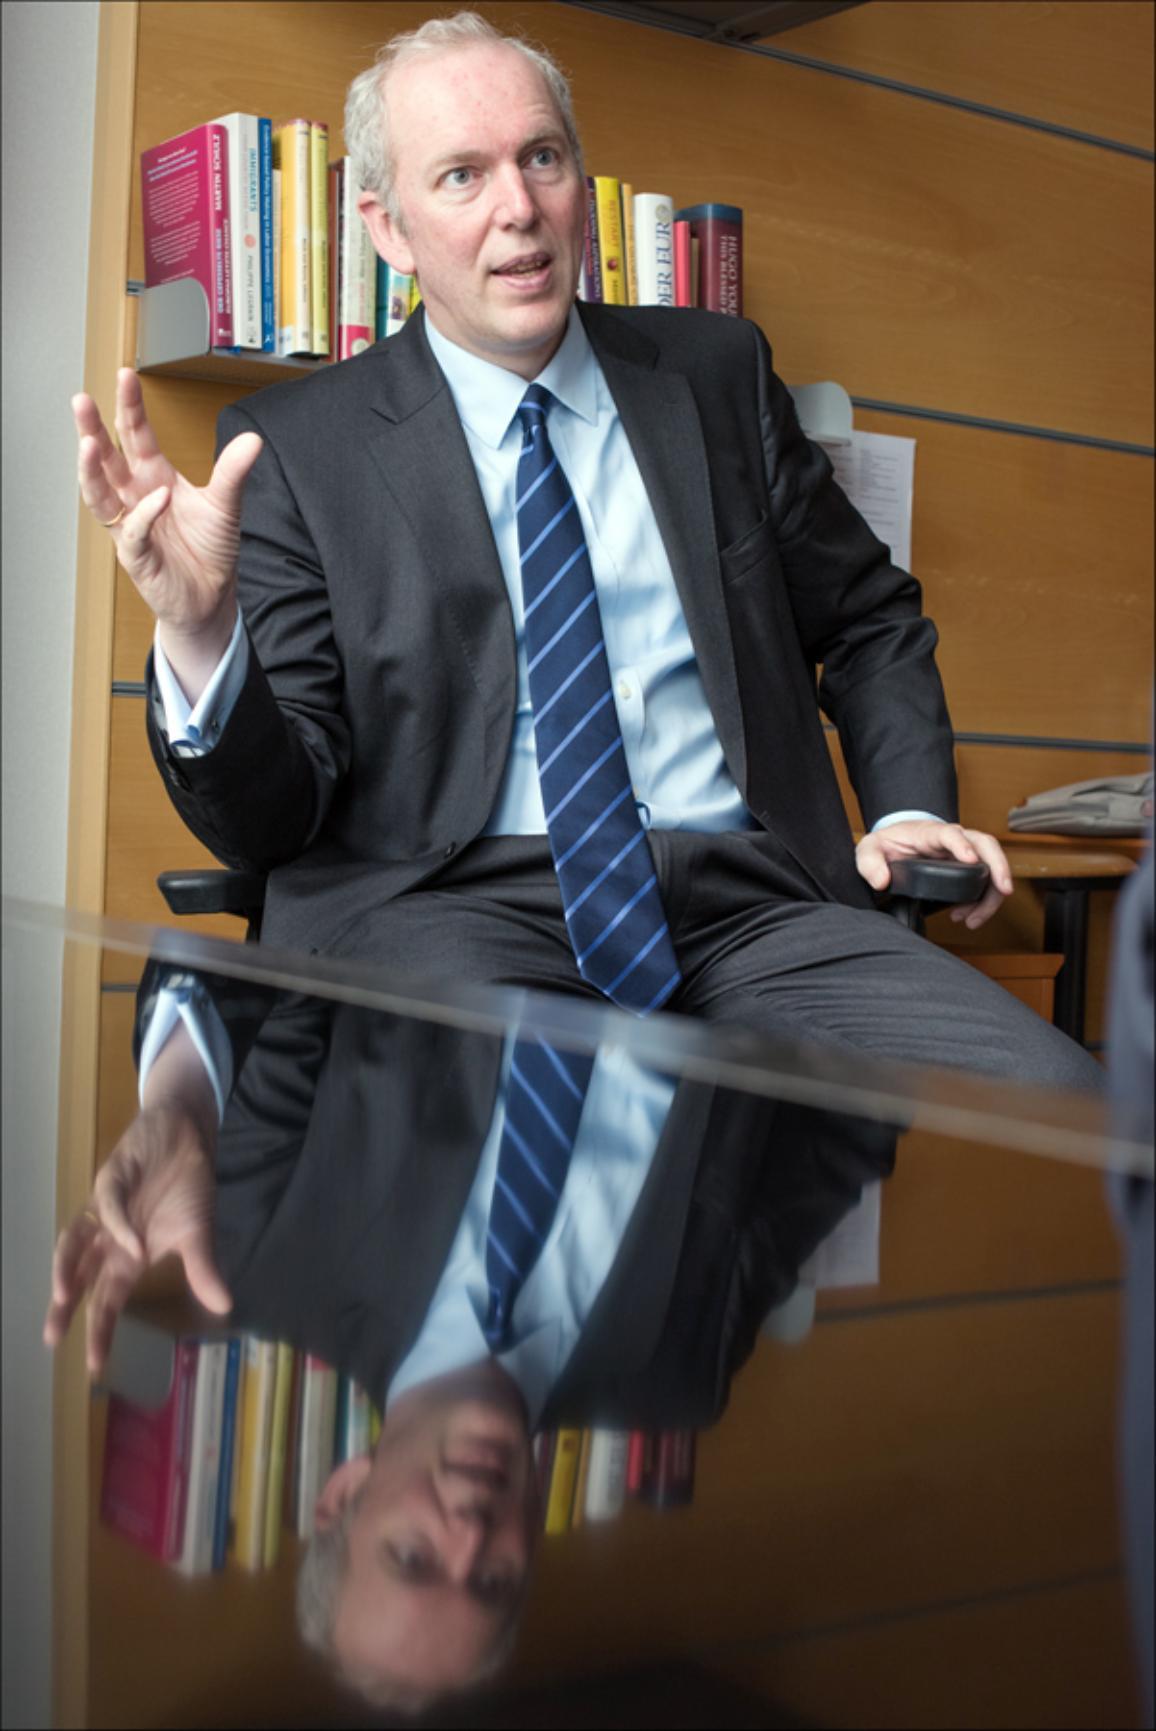 MEP Weiszacker